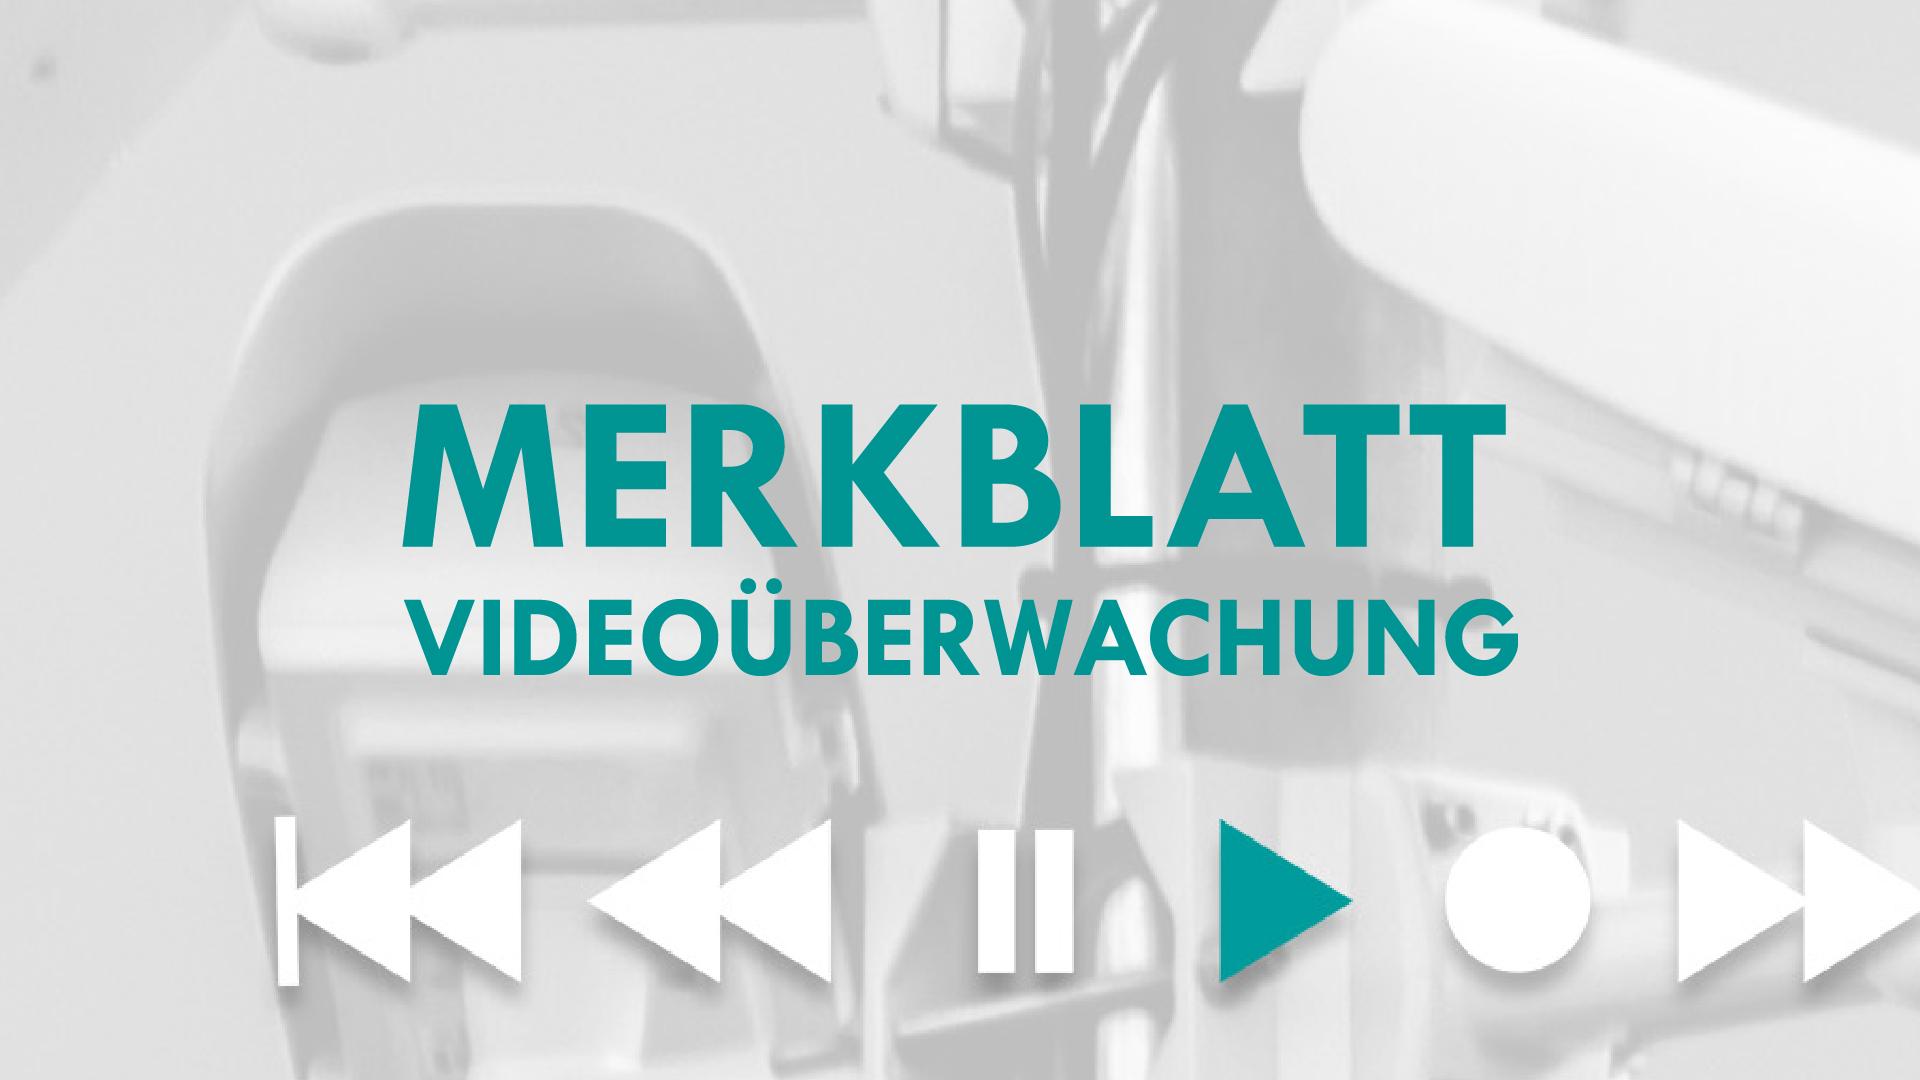 Merkblatt Videoüberwachung Datenschutz